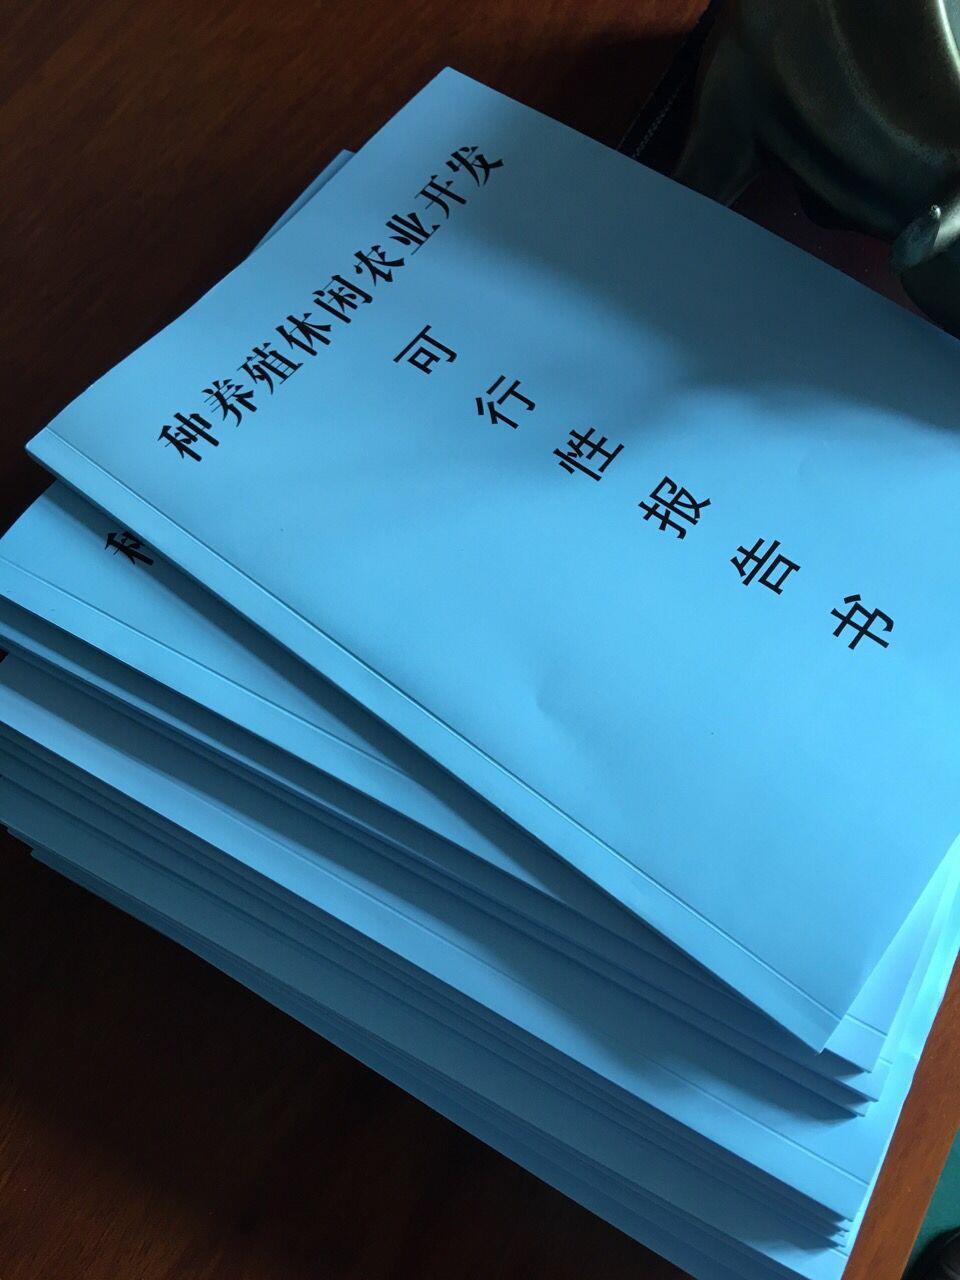 连锁幼儿园、托养服务中心建设项目备案申请可行性研究报告_云南商机网招商代理信息